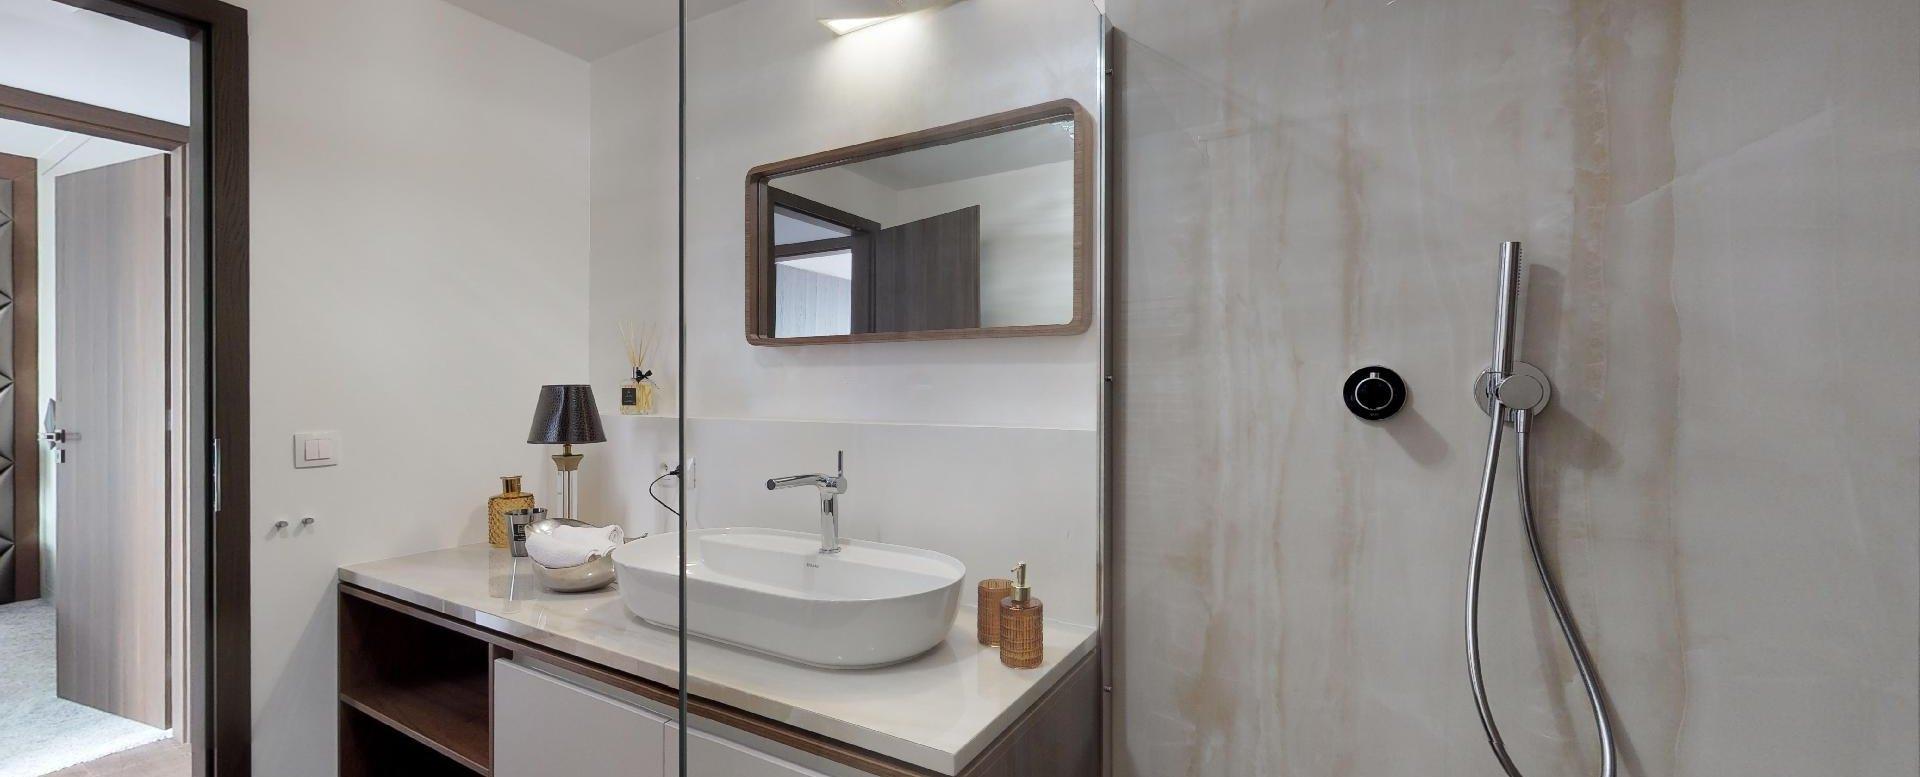 moderný sprchový kút